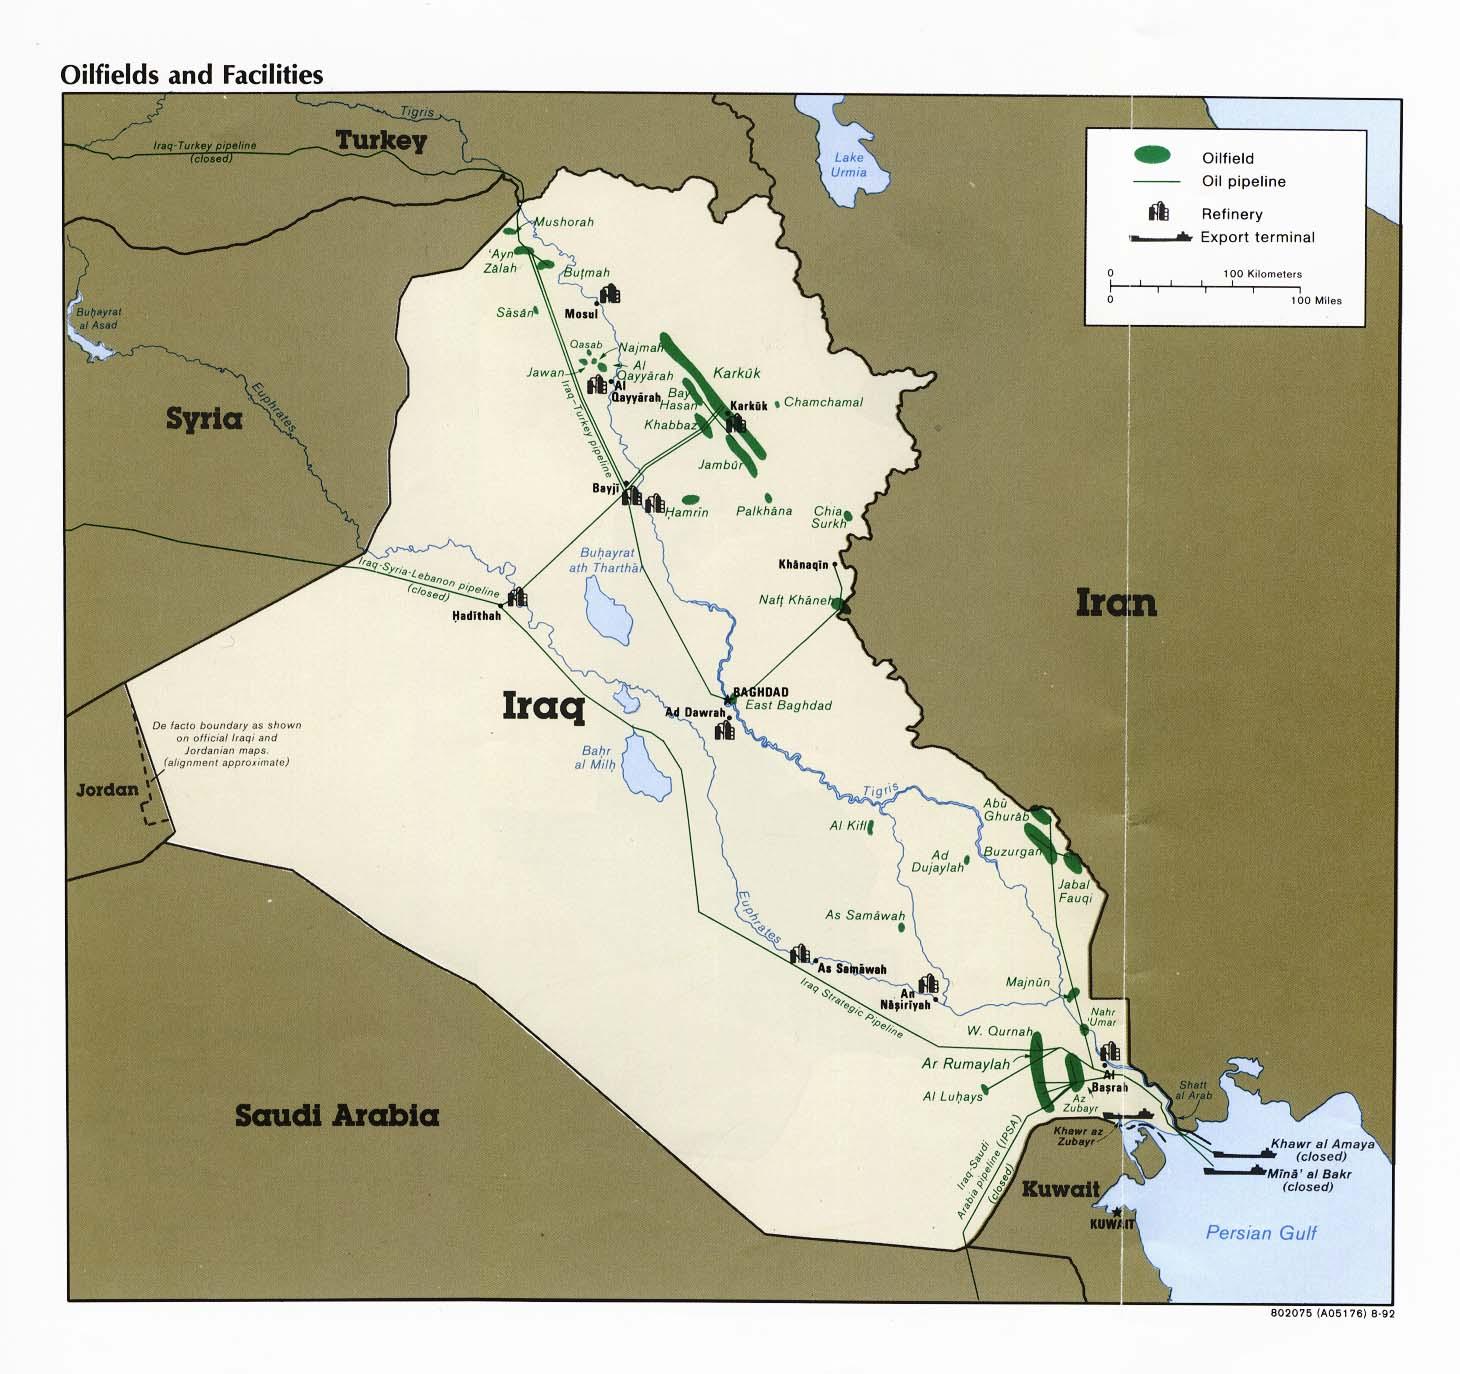 Campos petroleros e instalaciones petroleras de Irak 1992